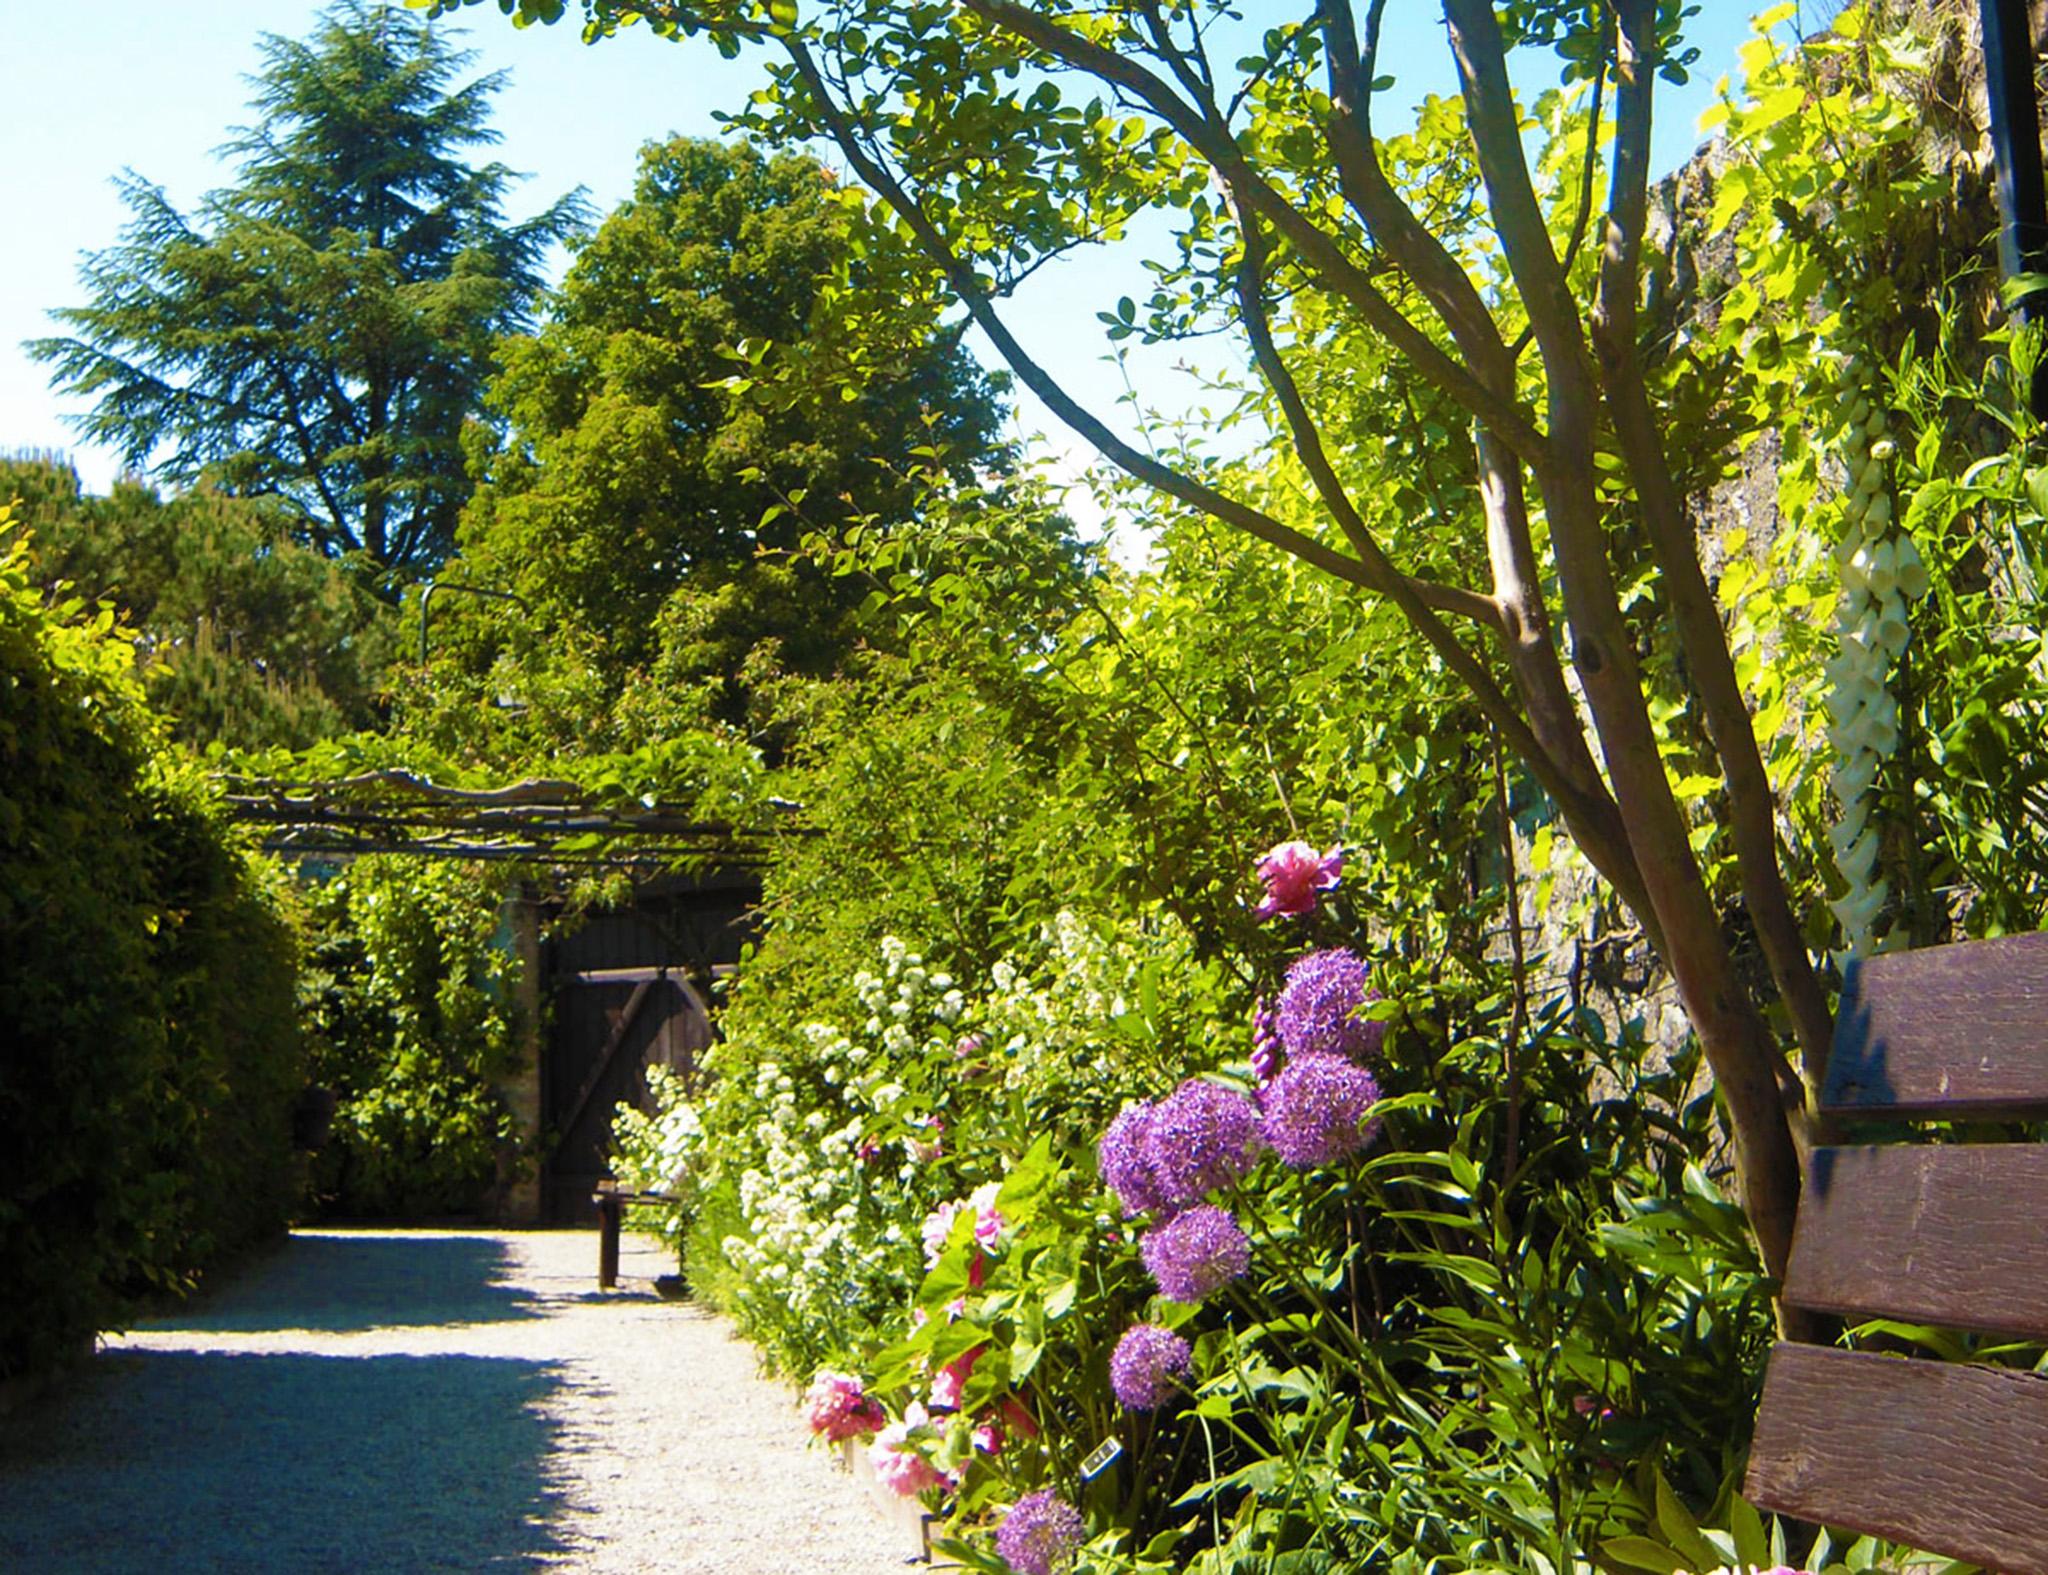 kt_2020_380_Keytours_excursions_Swisstours_yvoire_jardin_des_cinq_sens6_2048_10